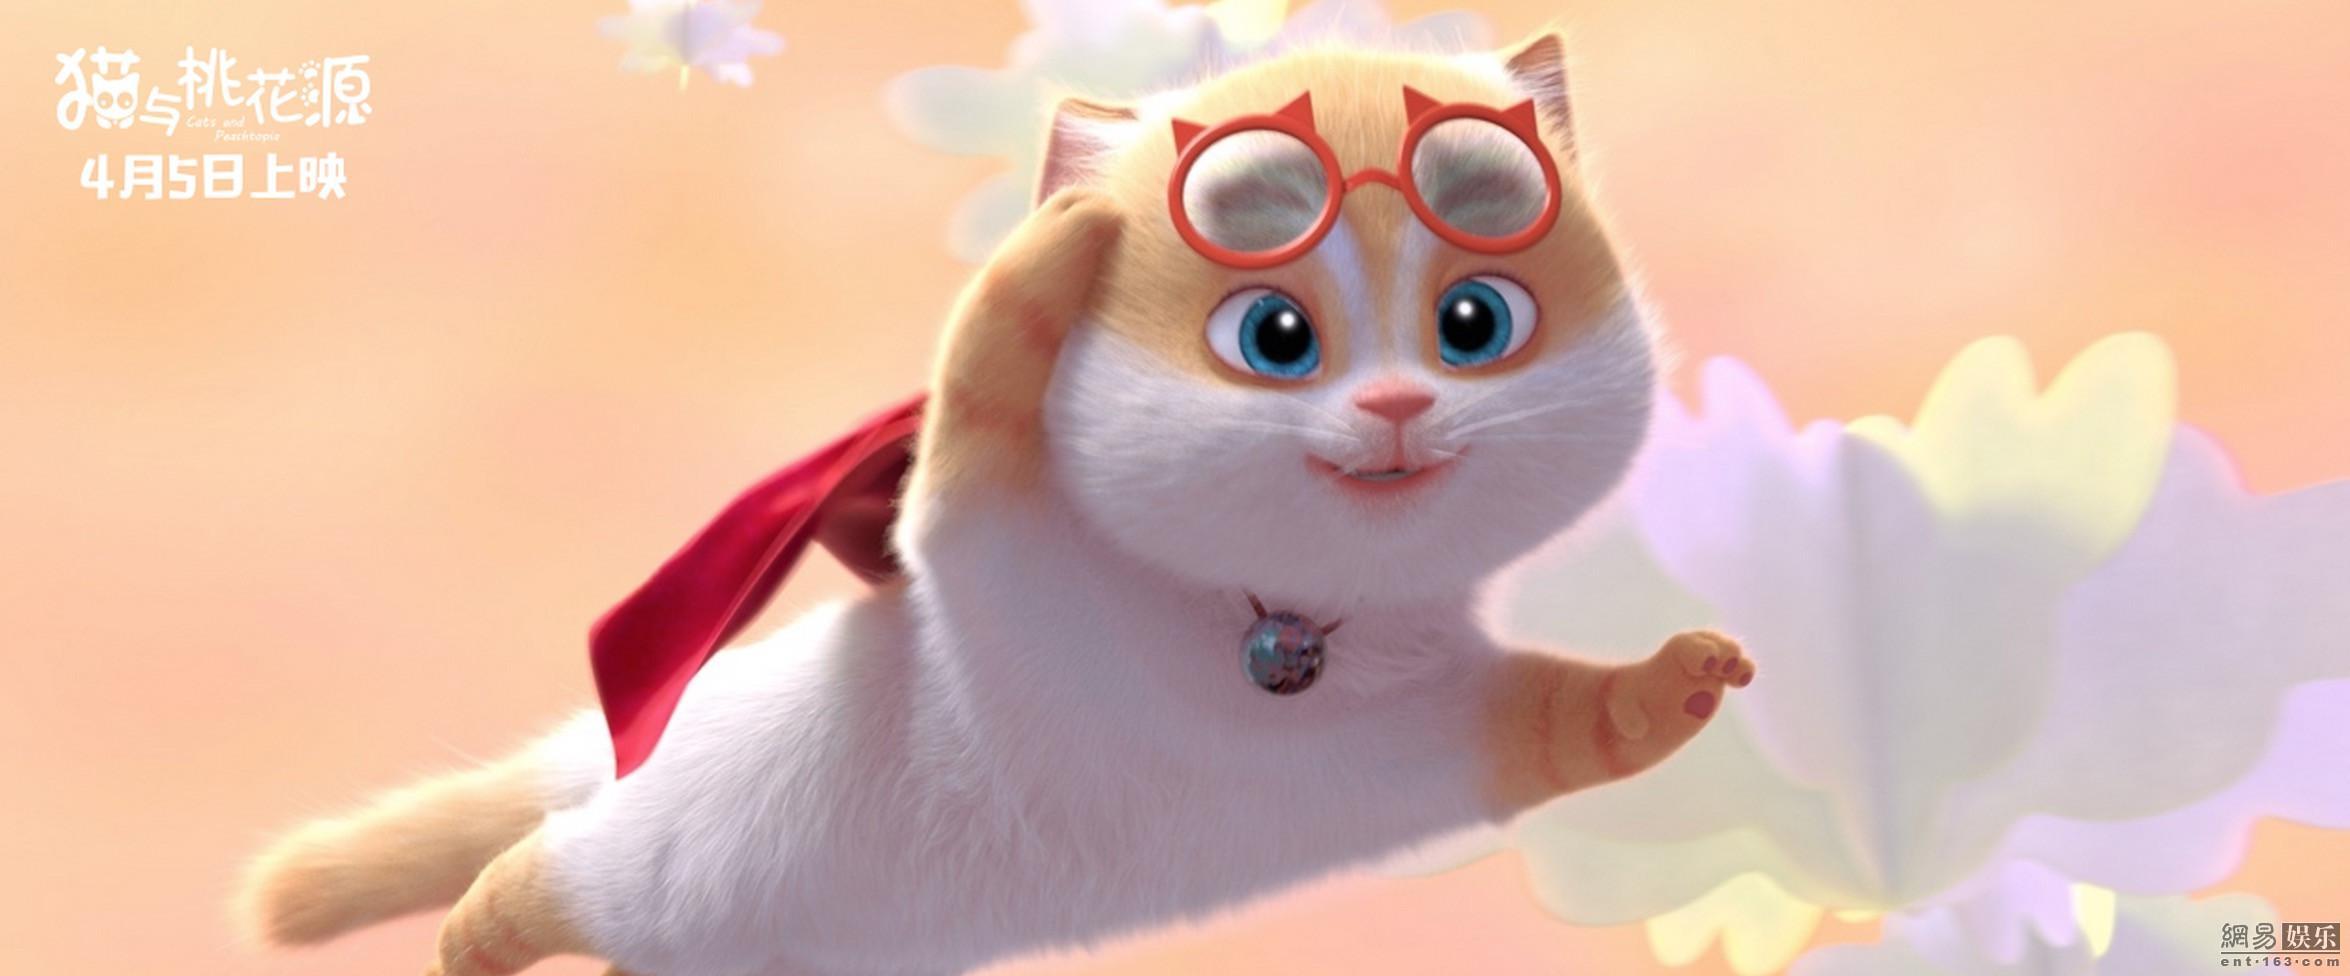 《猫与桃花源》上映 最强亲子动画电影让人期待